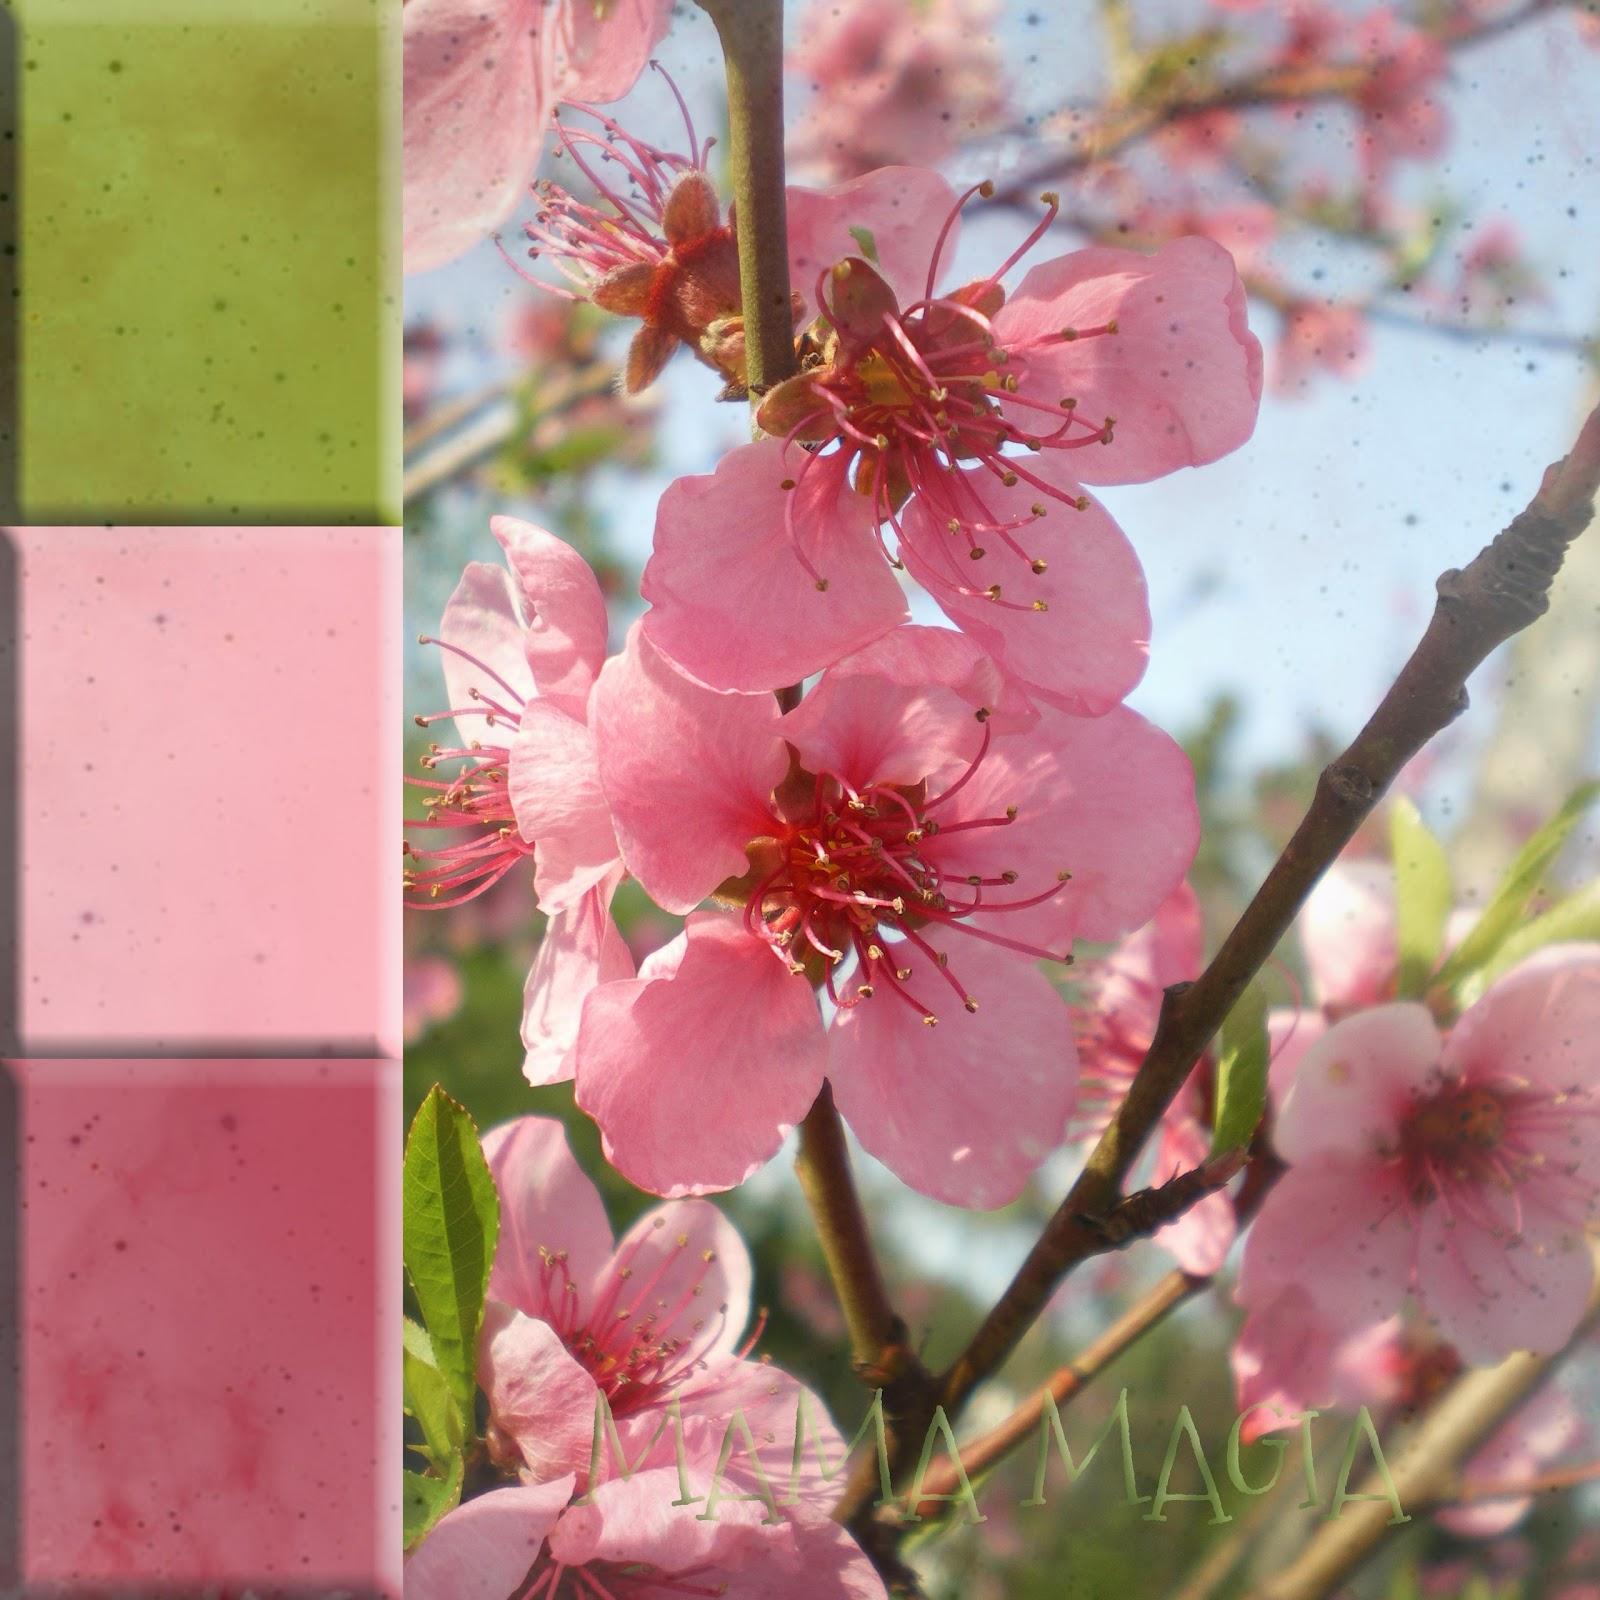 Mama magia fiori di primavera for Fiori di primavera